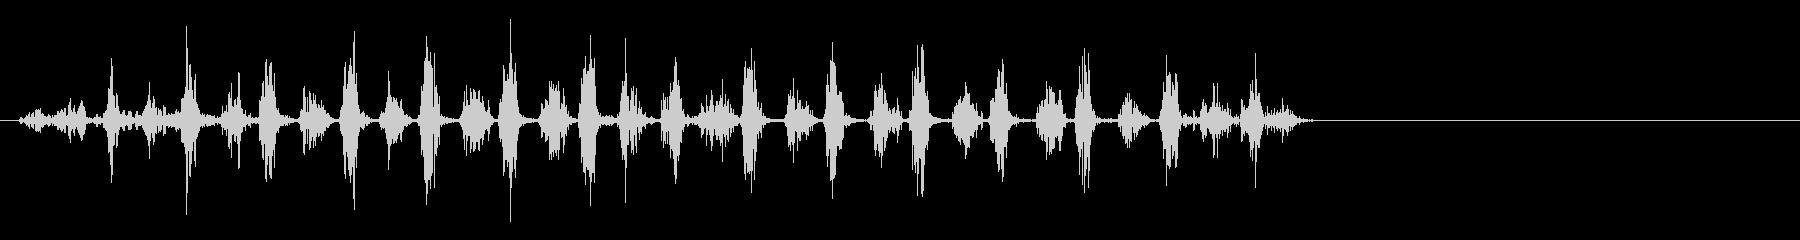 口をゆすぐ(すすぐ)04の未再生の波形